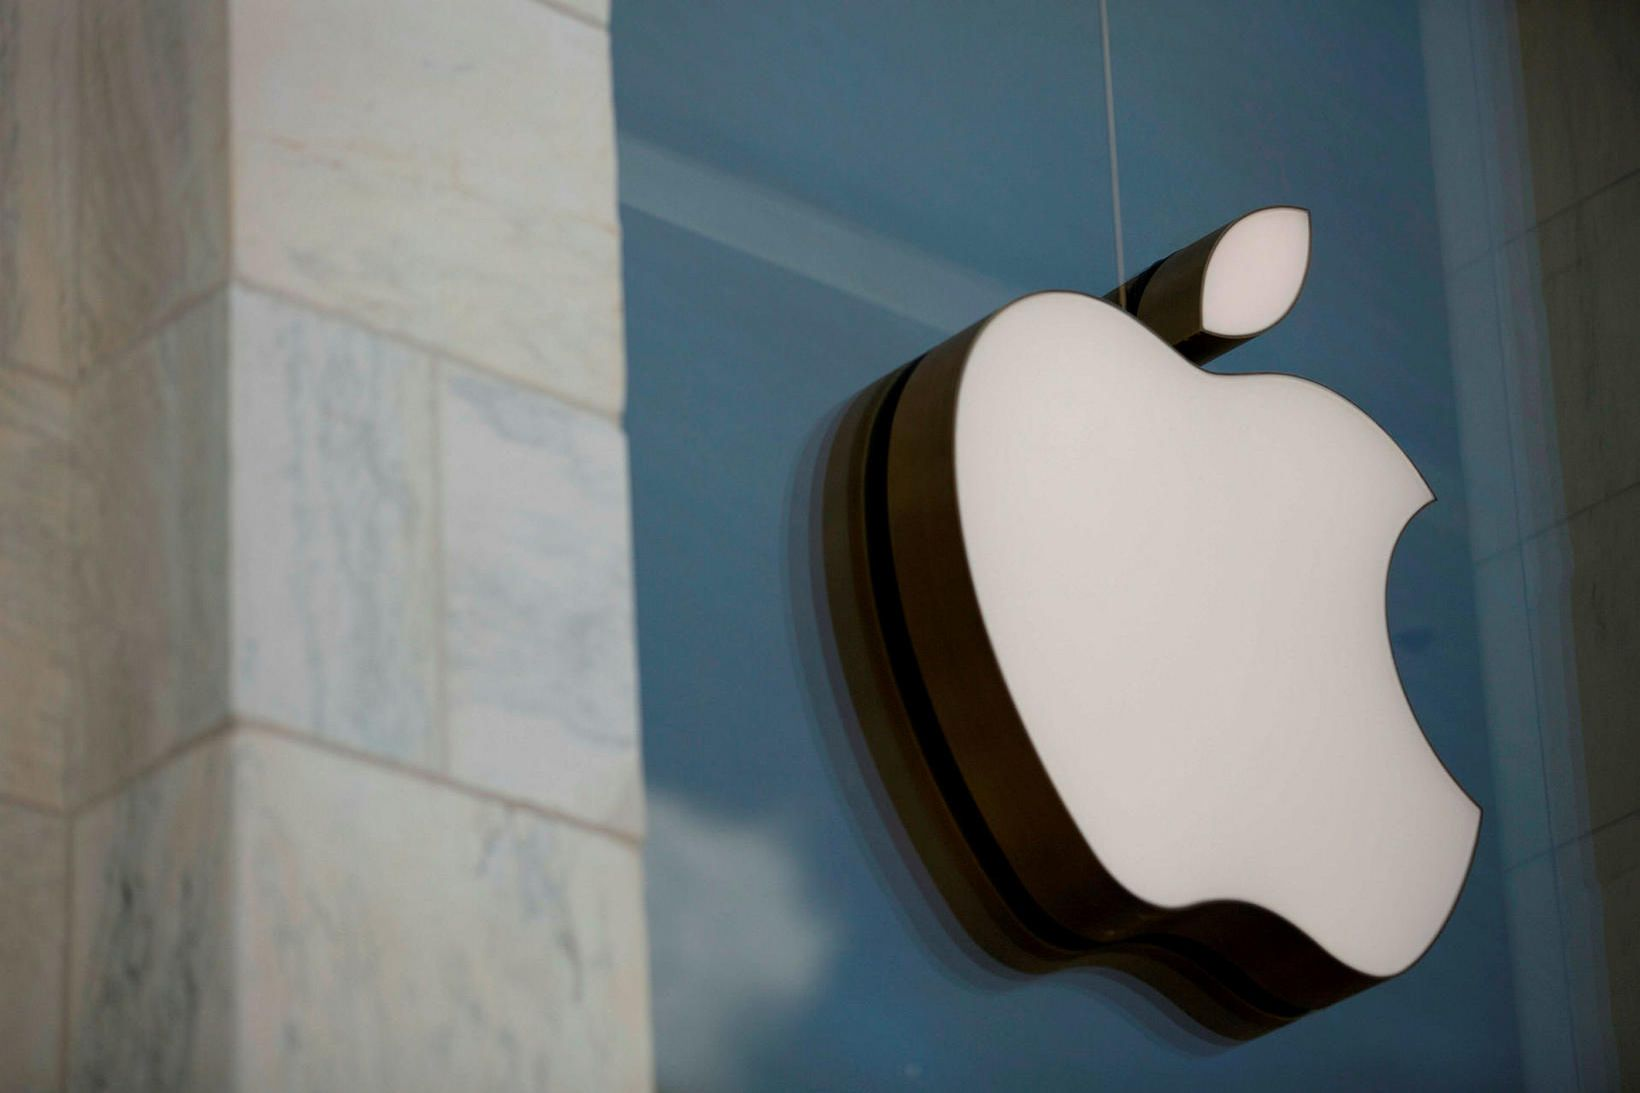 Apple var sakað um að hafa farið með rangfærslur.